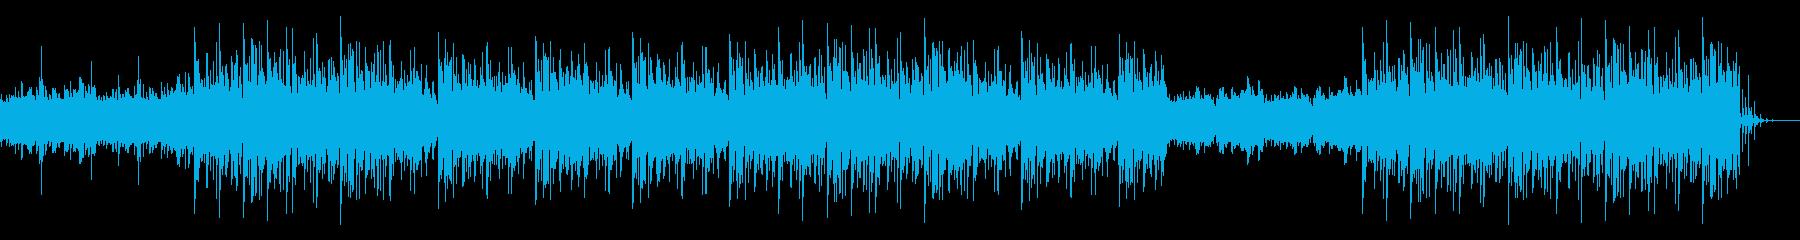 和太鼓のリズムとピアノループをベースに…の再生済みの波形